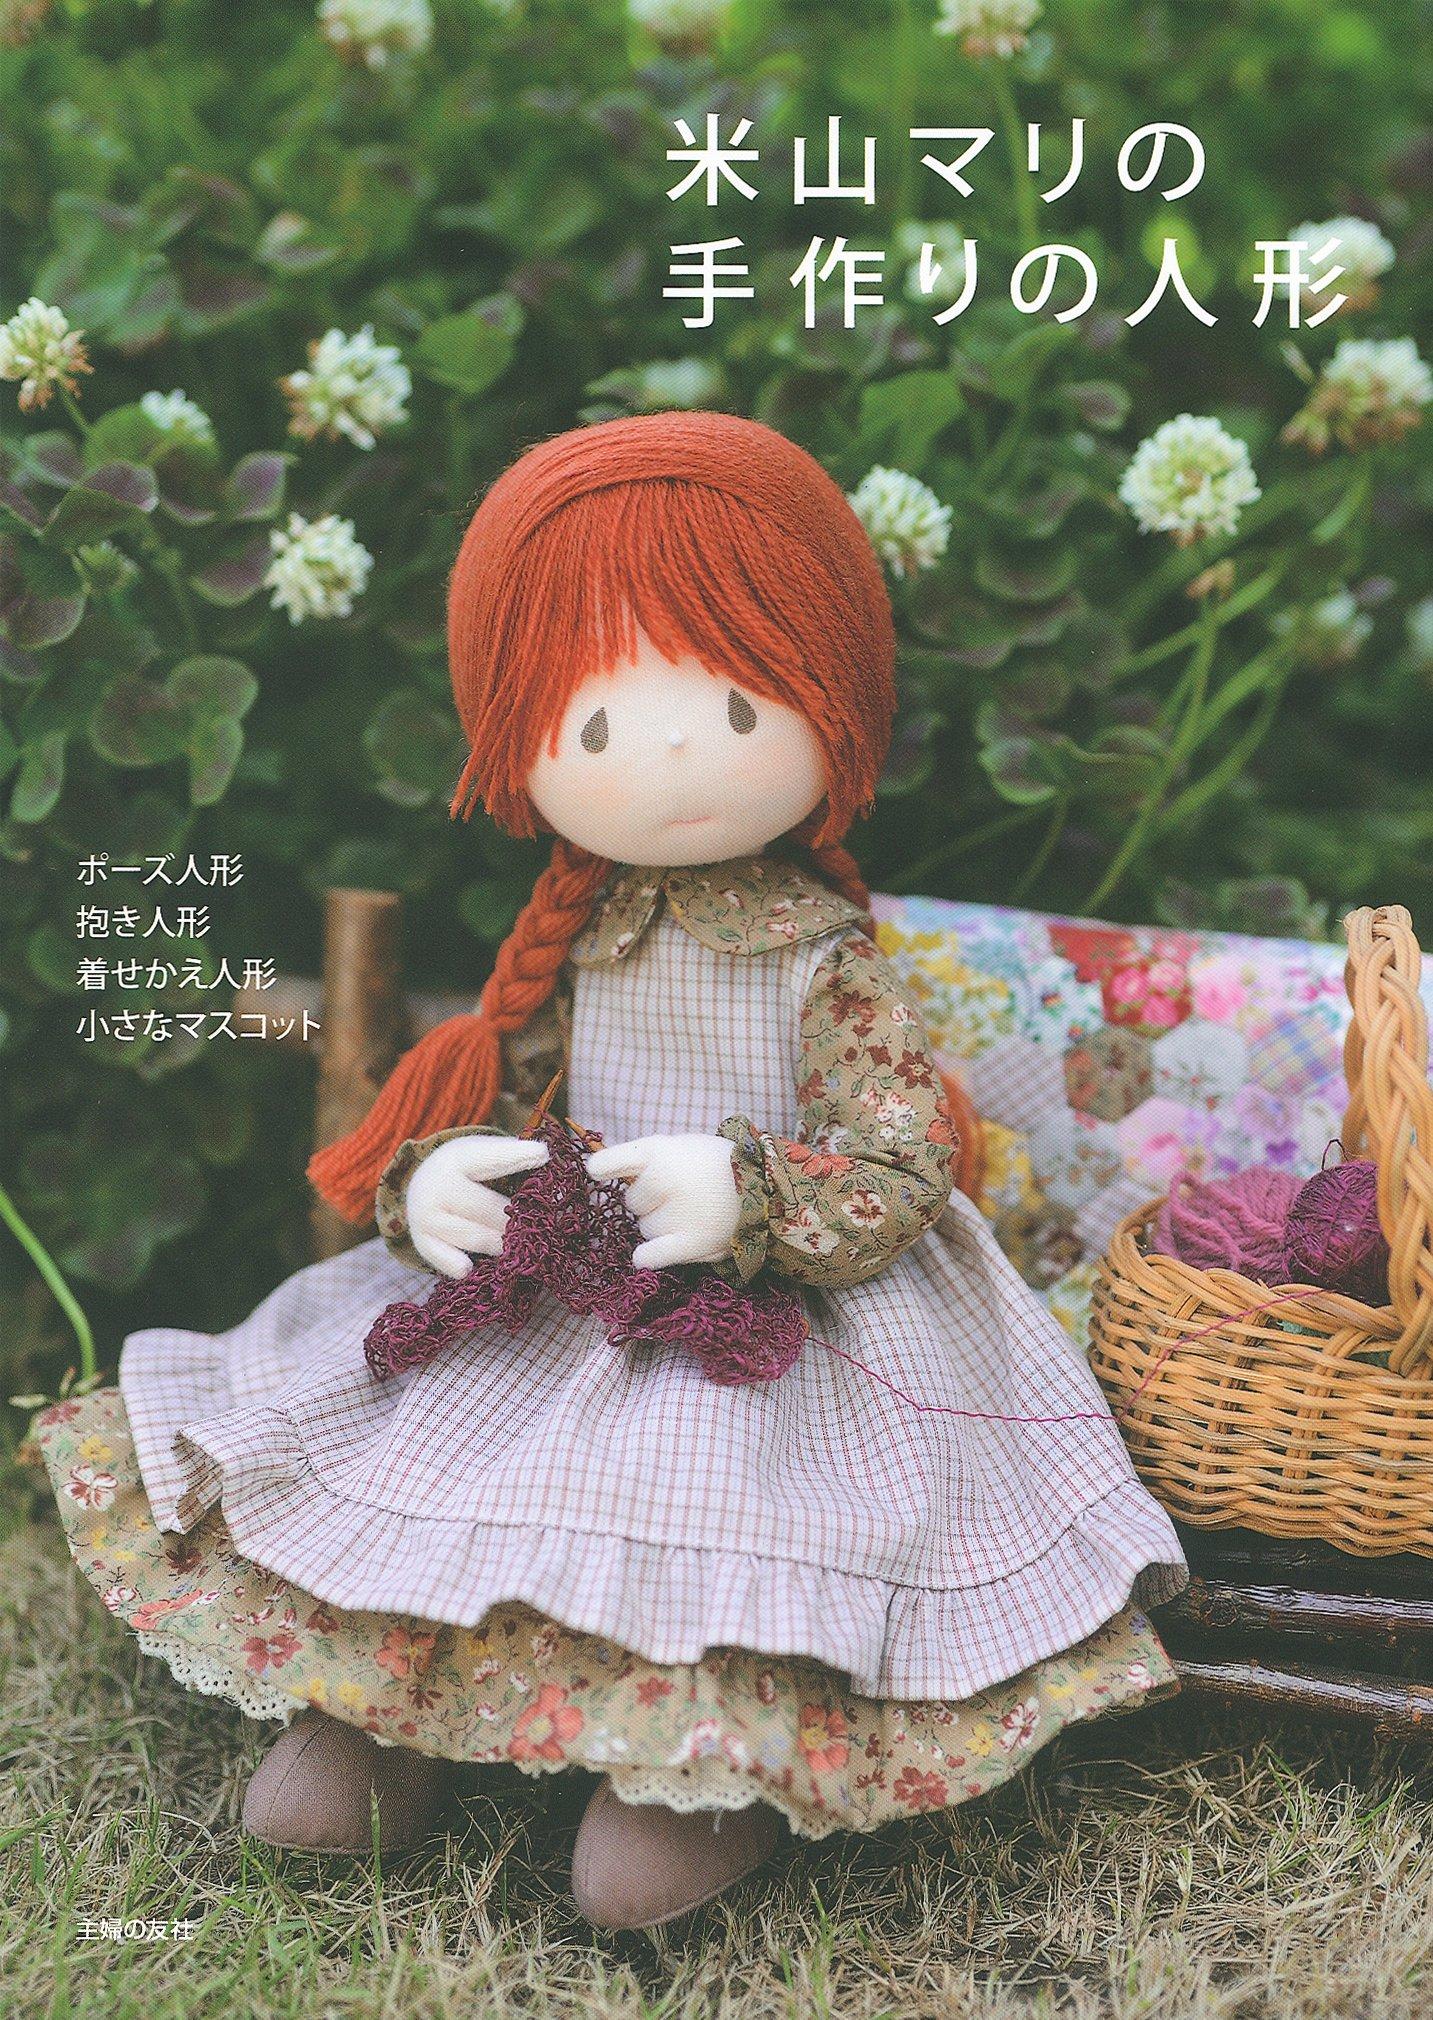 Handcrafted Dolls by Yoneyama Mari Book